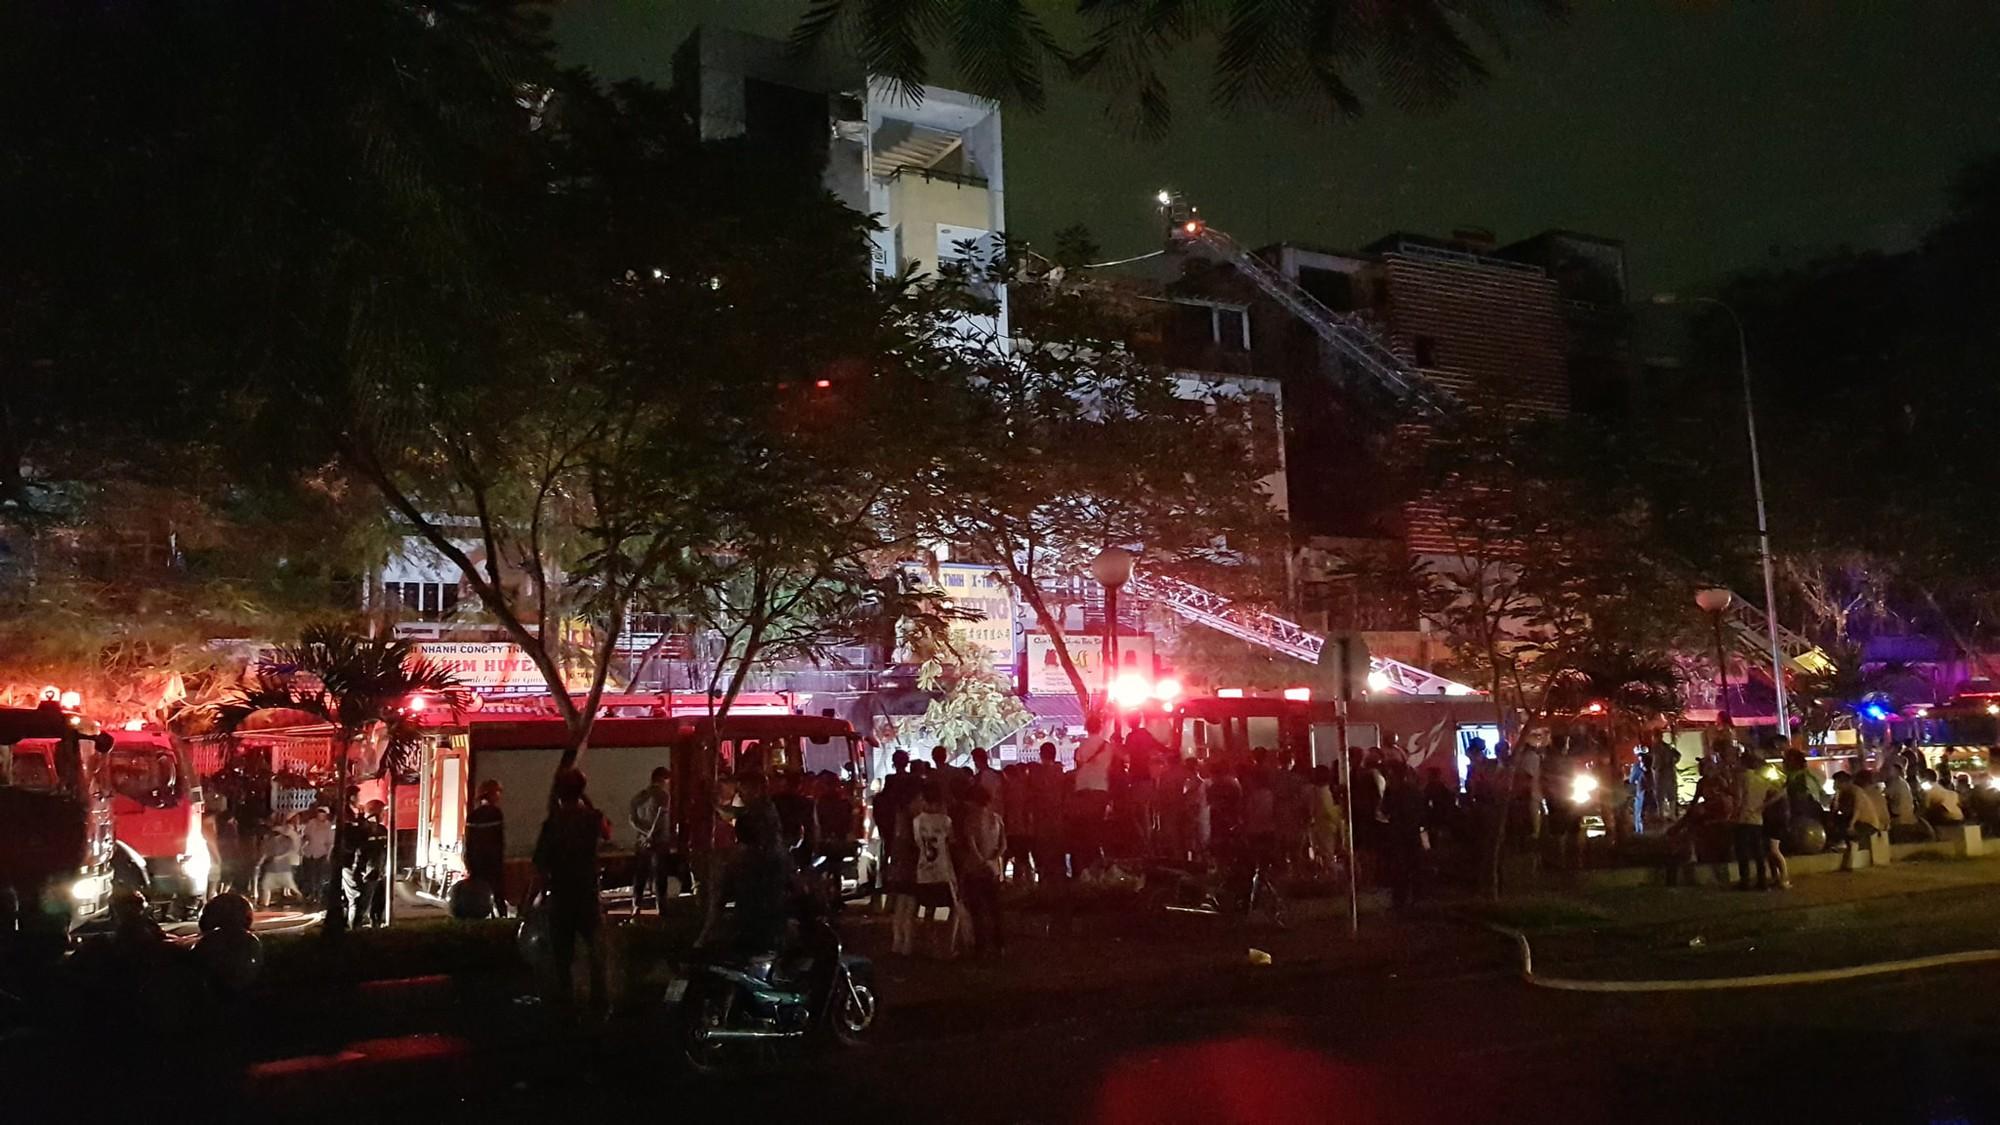 Căn nhà 5 tầng ở Sài Gòn chìm trong biển lửa, hàng trăm chiến sỹ cứu hỏa nỗ lực chữa cháy trong đêm - Ảnh 6.